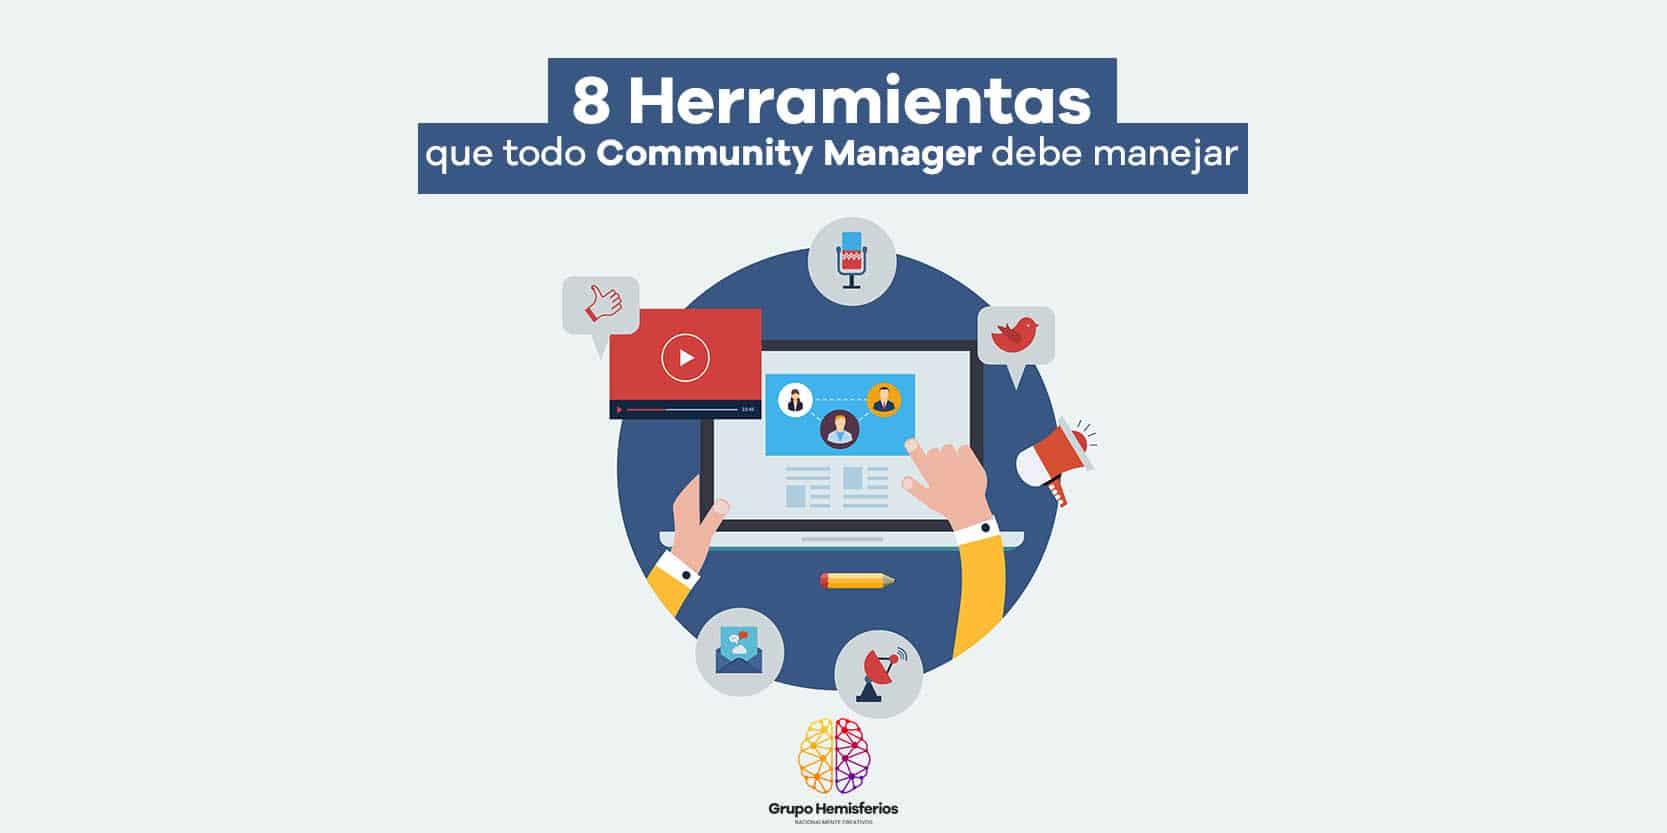 8 Herramientas que todo Community Manager debe manejar